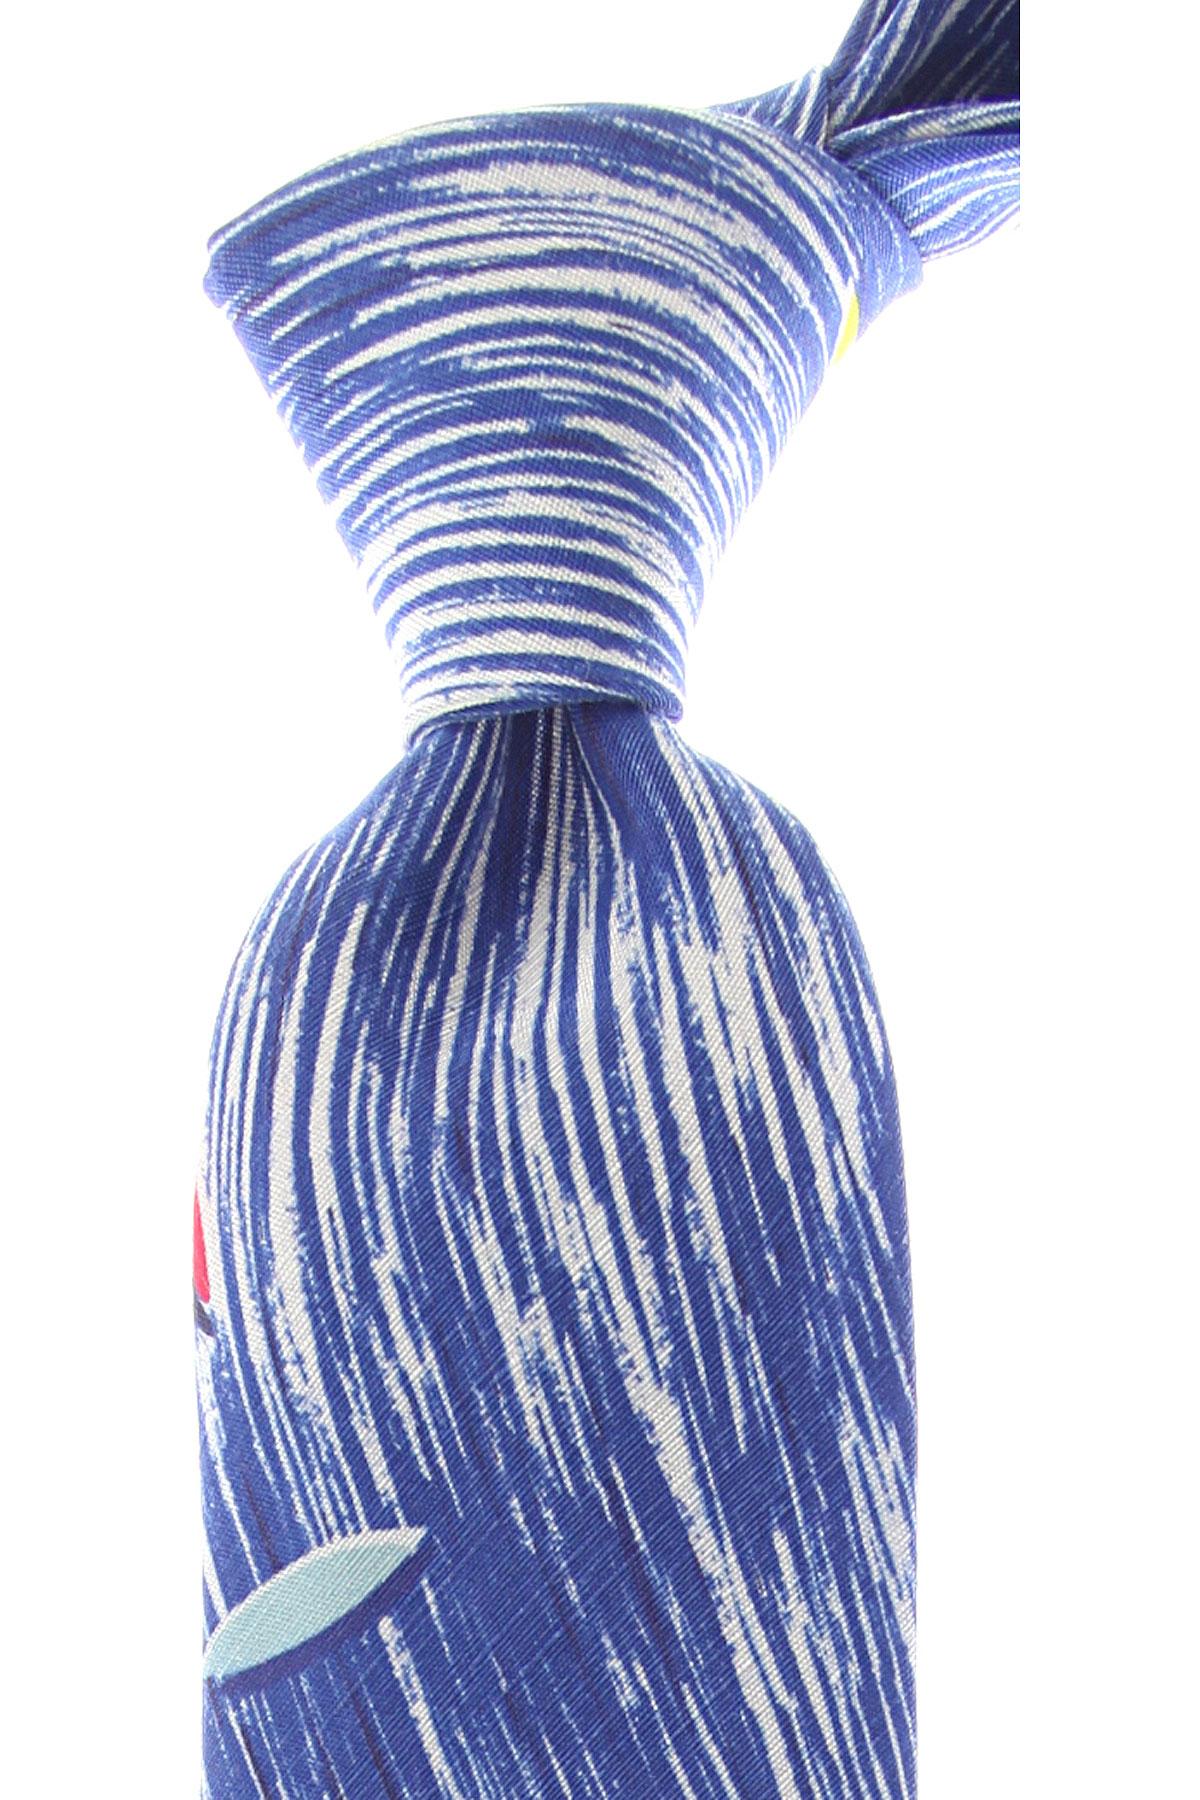 Kenzo Cravates Pas cher en Soldes, Bleu électrique, Soie, 2017